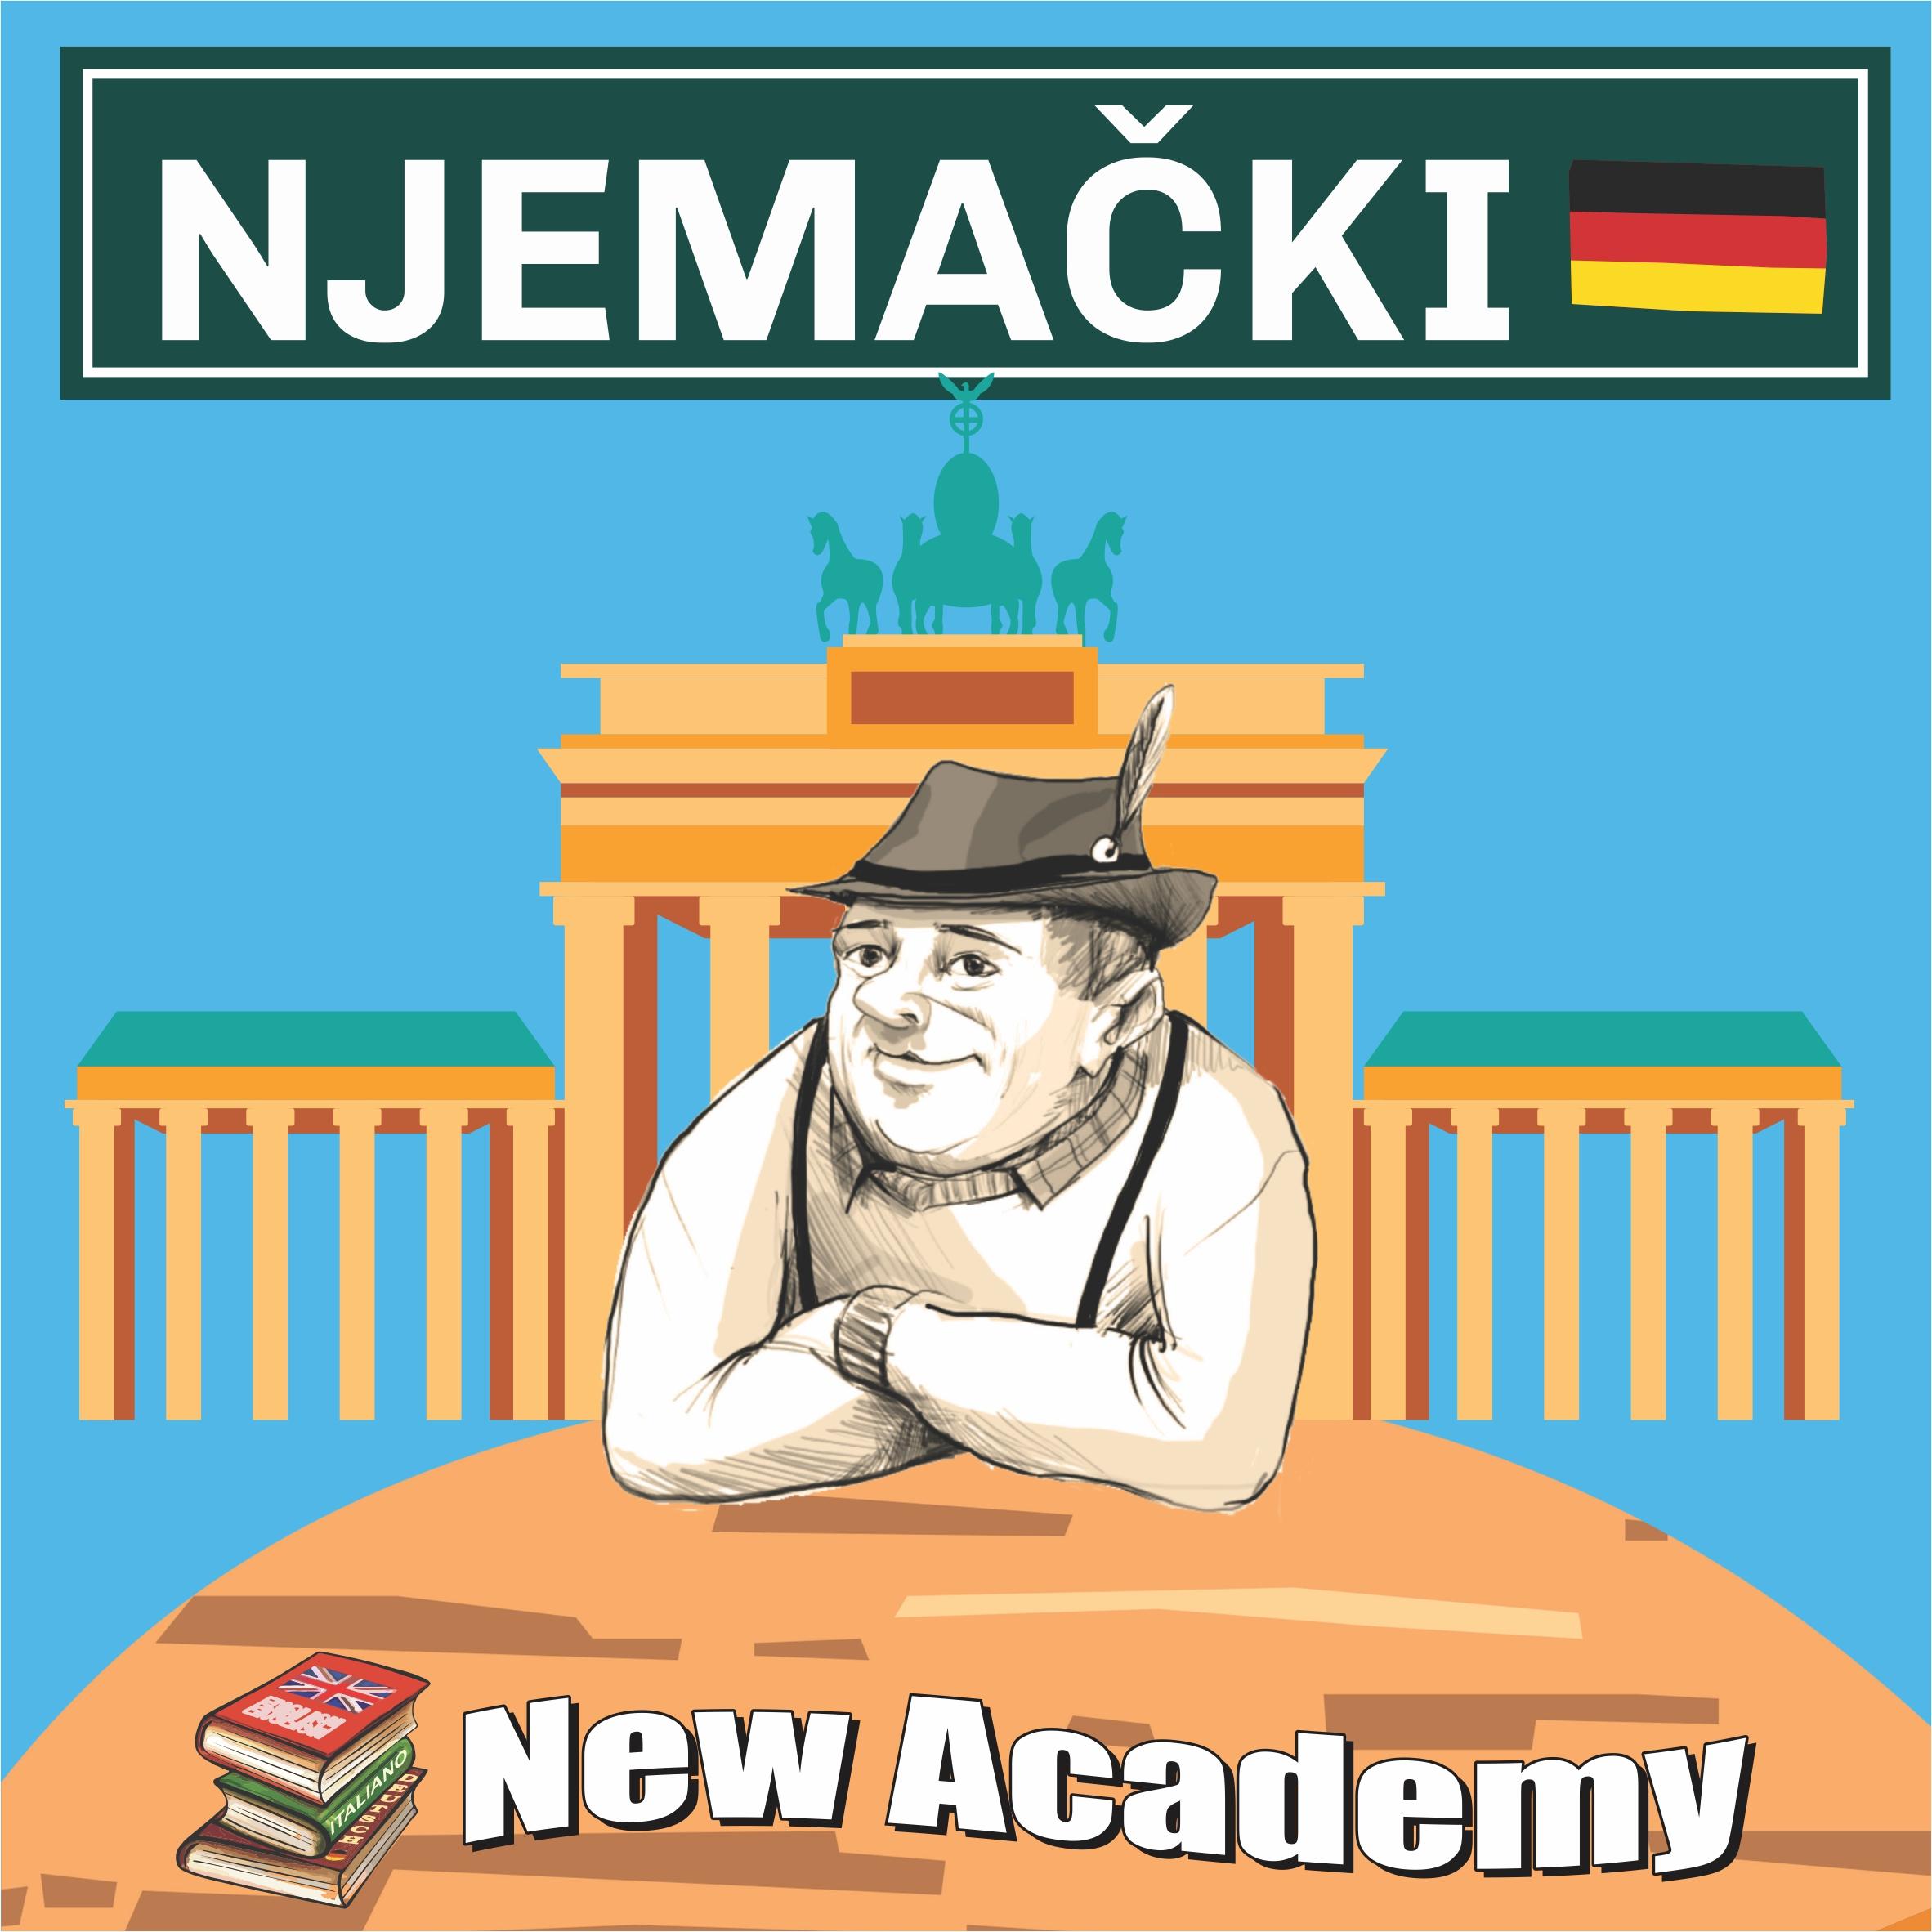 njemacki ikonica web site